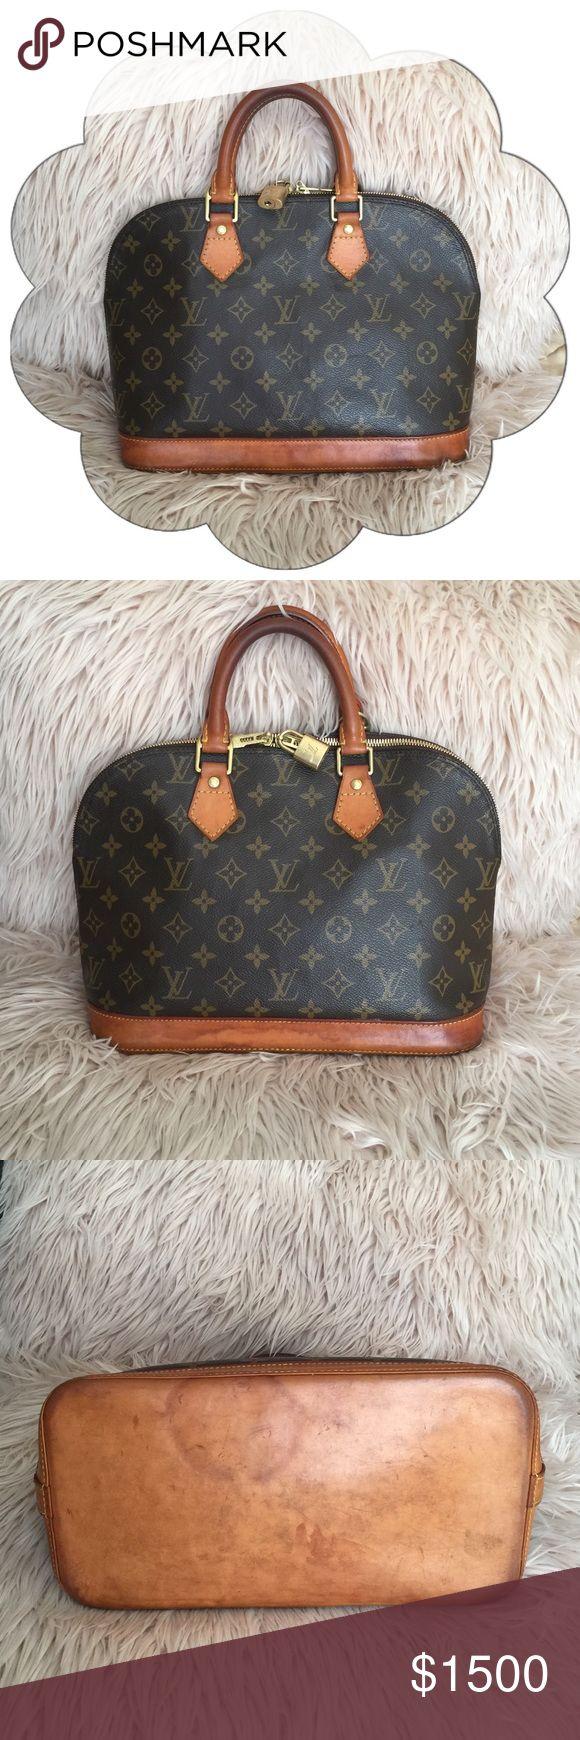 Authentic Louis Vuitton Alma PM Monogram 100% Authentic Louis Vuitton : Pre-Loved : Date Code FL0035 : : NO BUNDLE DISCOUNT Louis Vuitton Bags Satchels